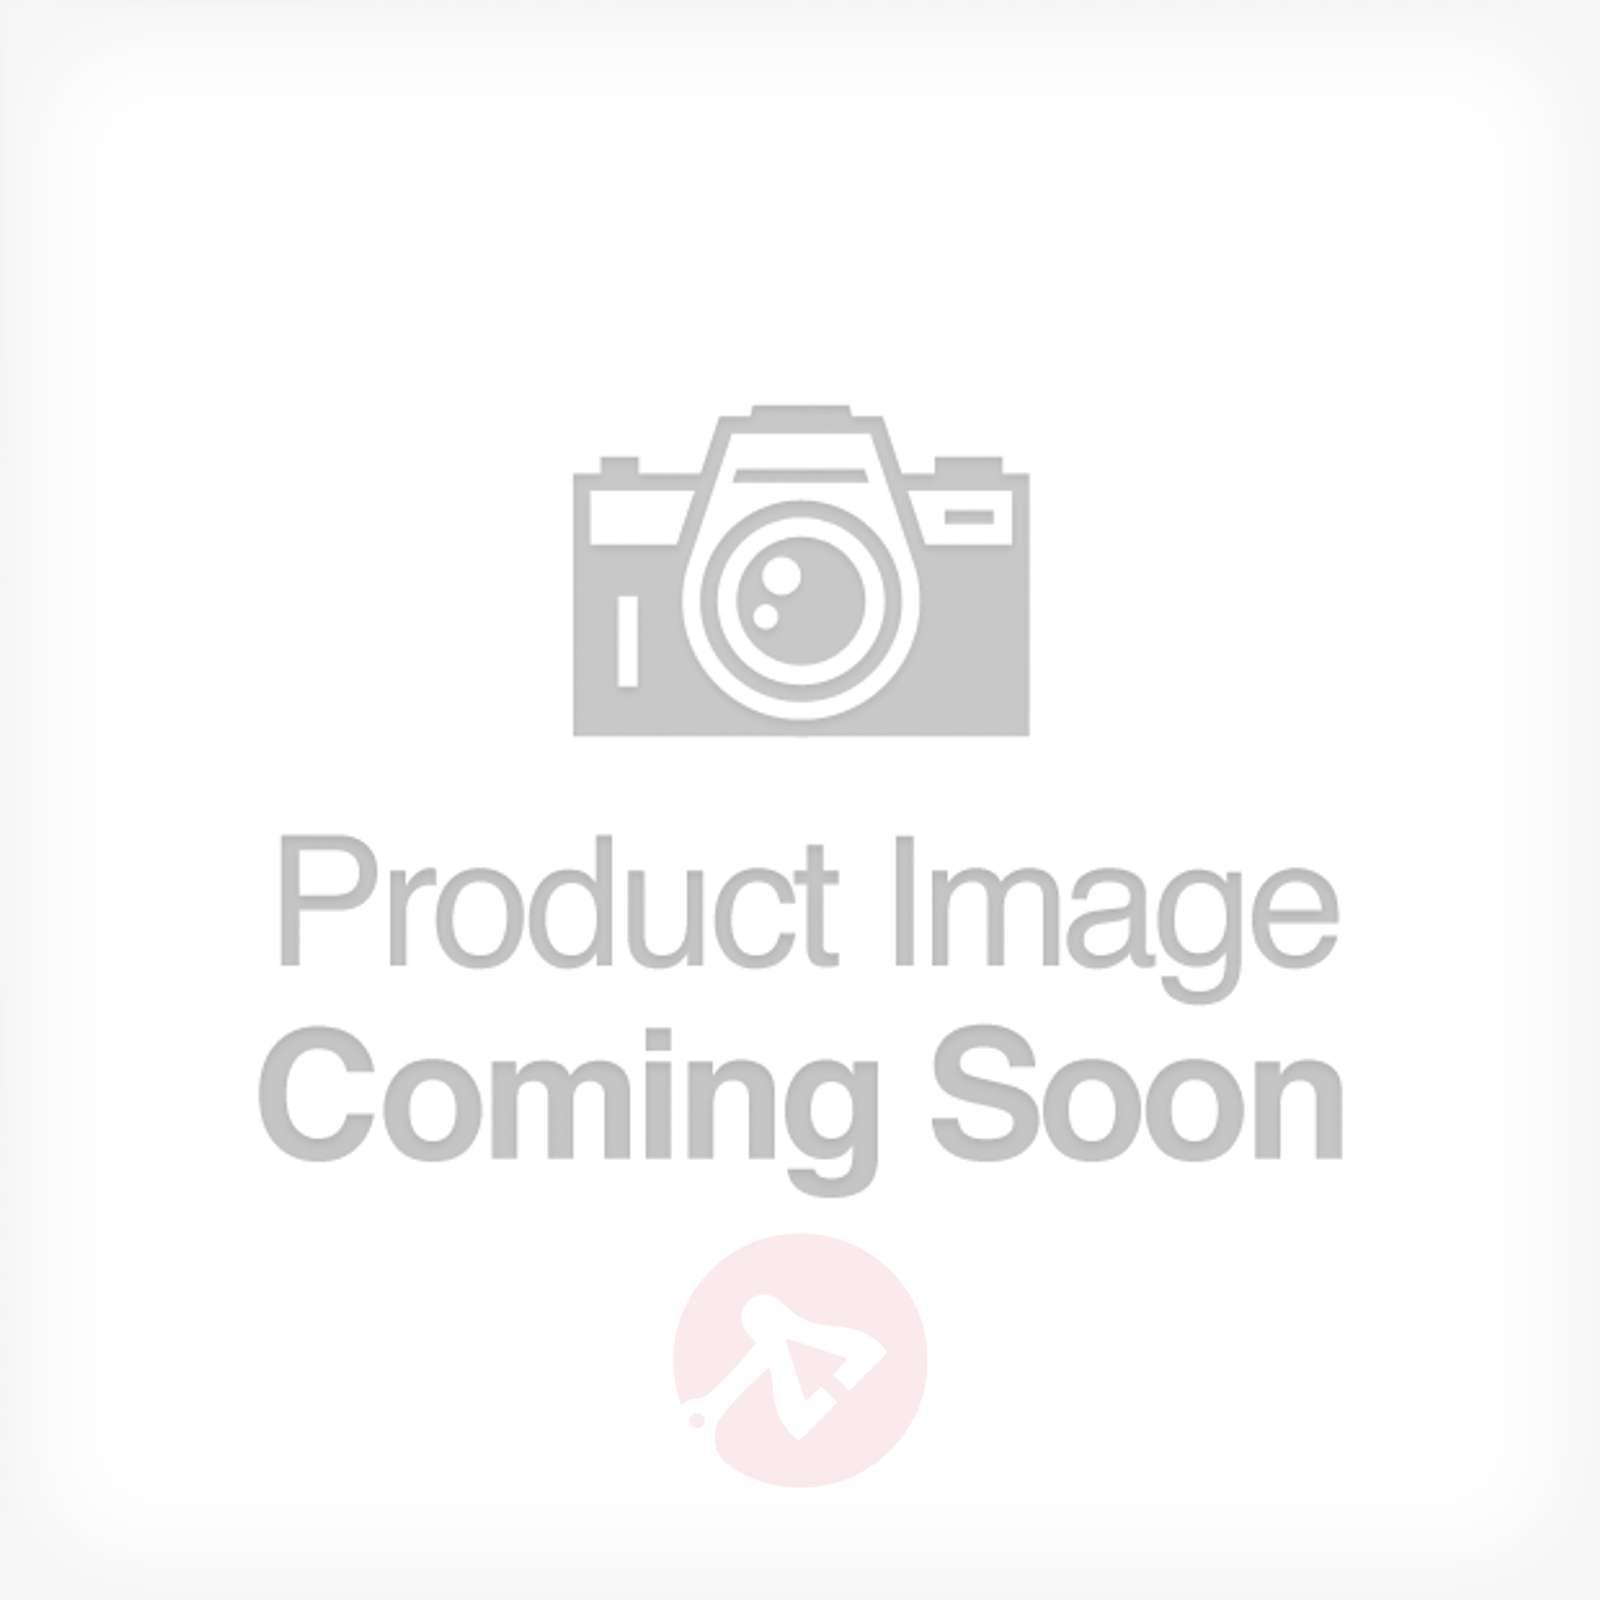 Matalajännite taulu-seinävalaisin TEETOO 350-1020245X-03